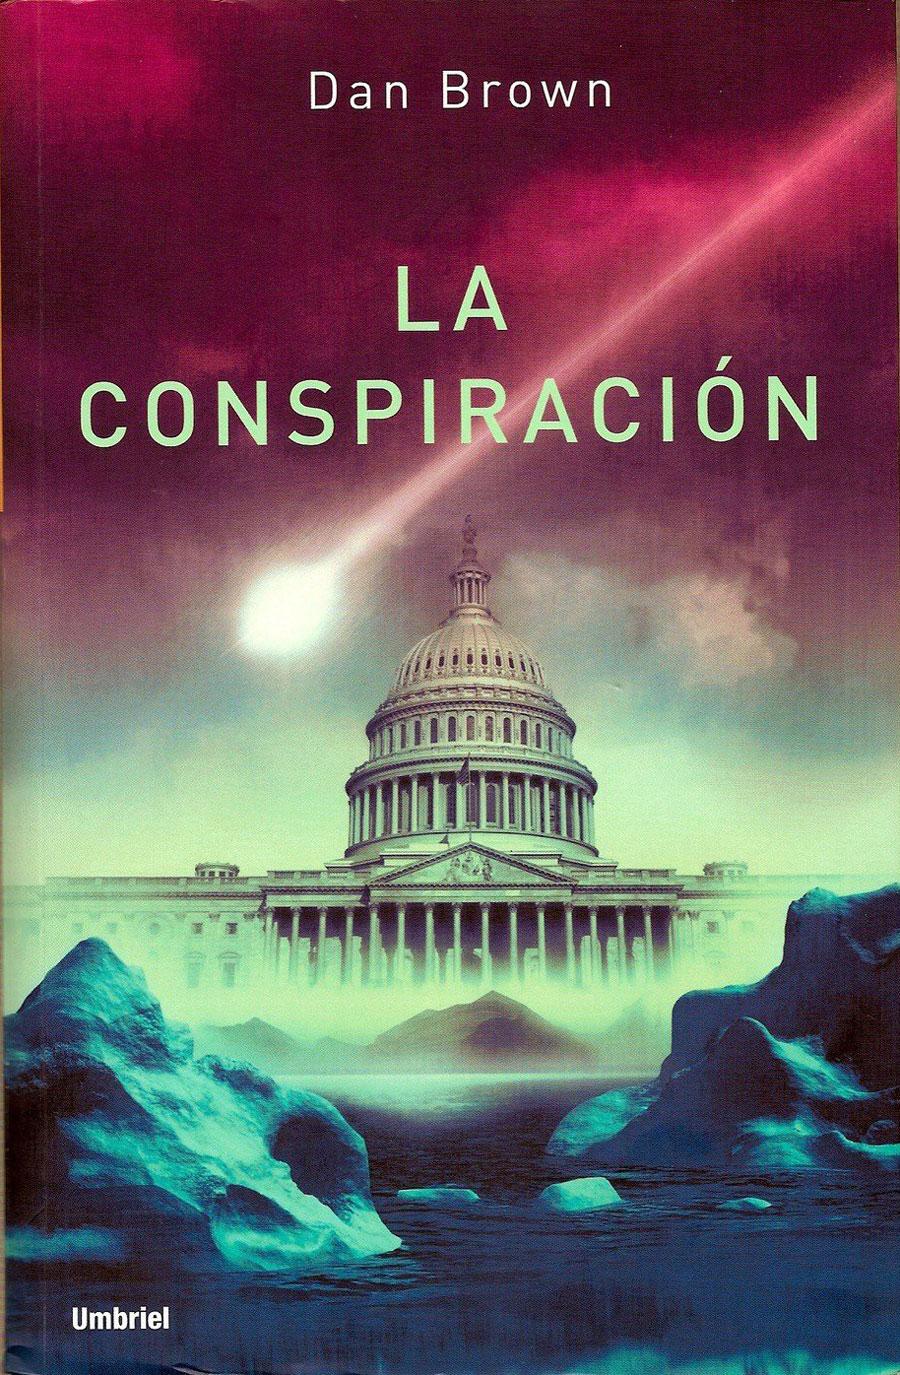 Portada de La conspiración, de Dan Brown